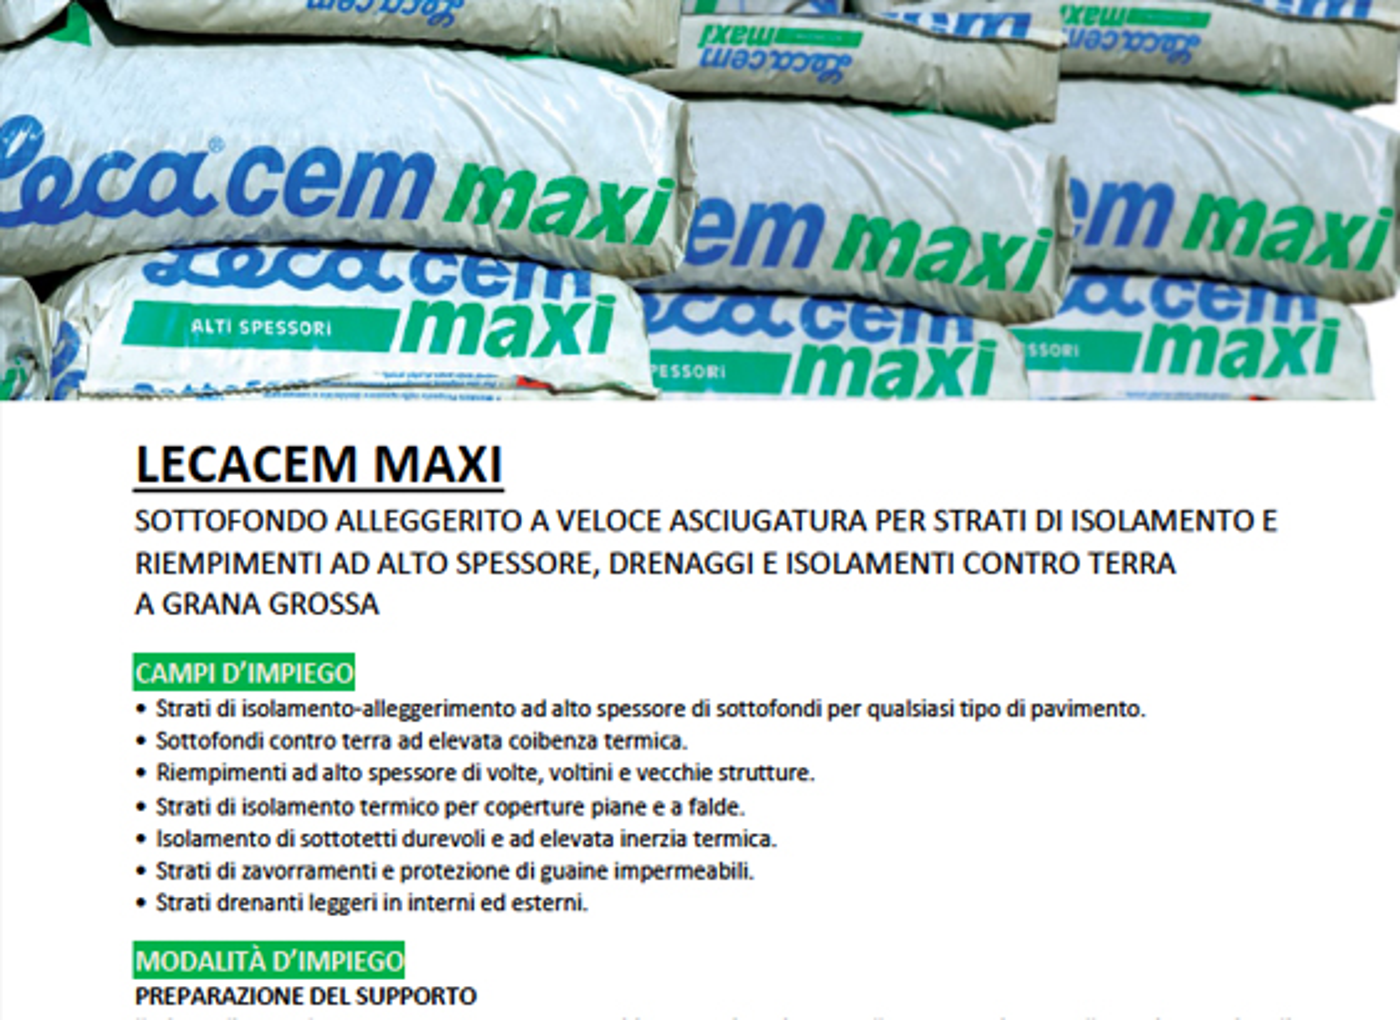 scheda-tecnica-lecacem-maxi-P8